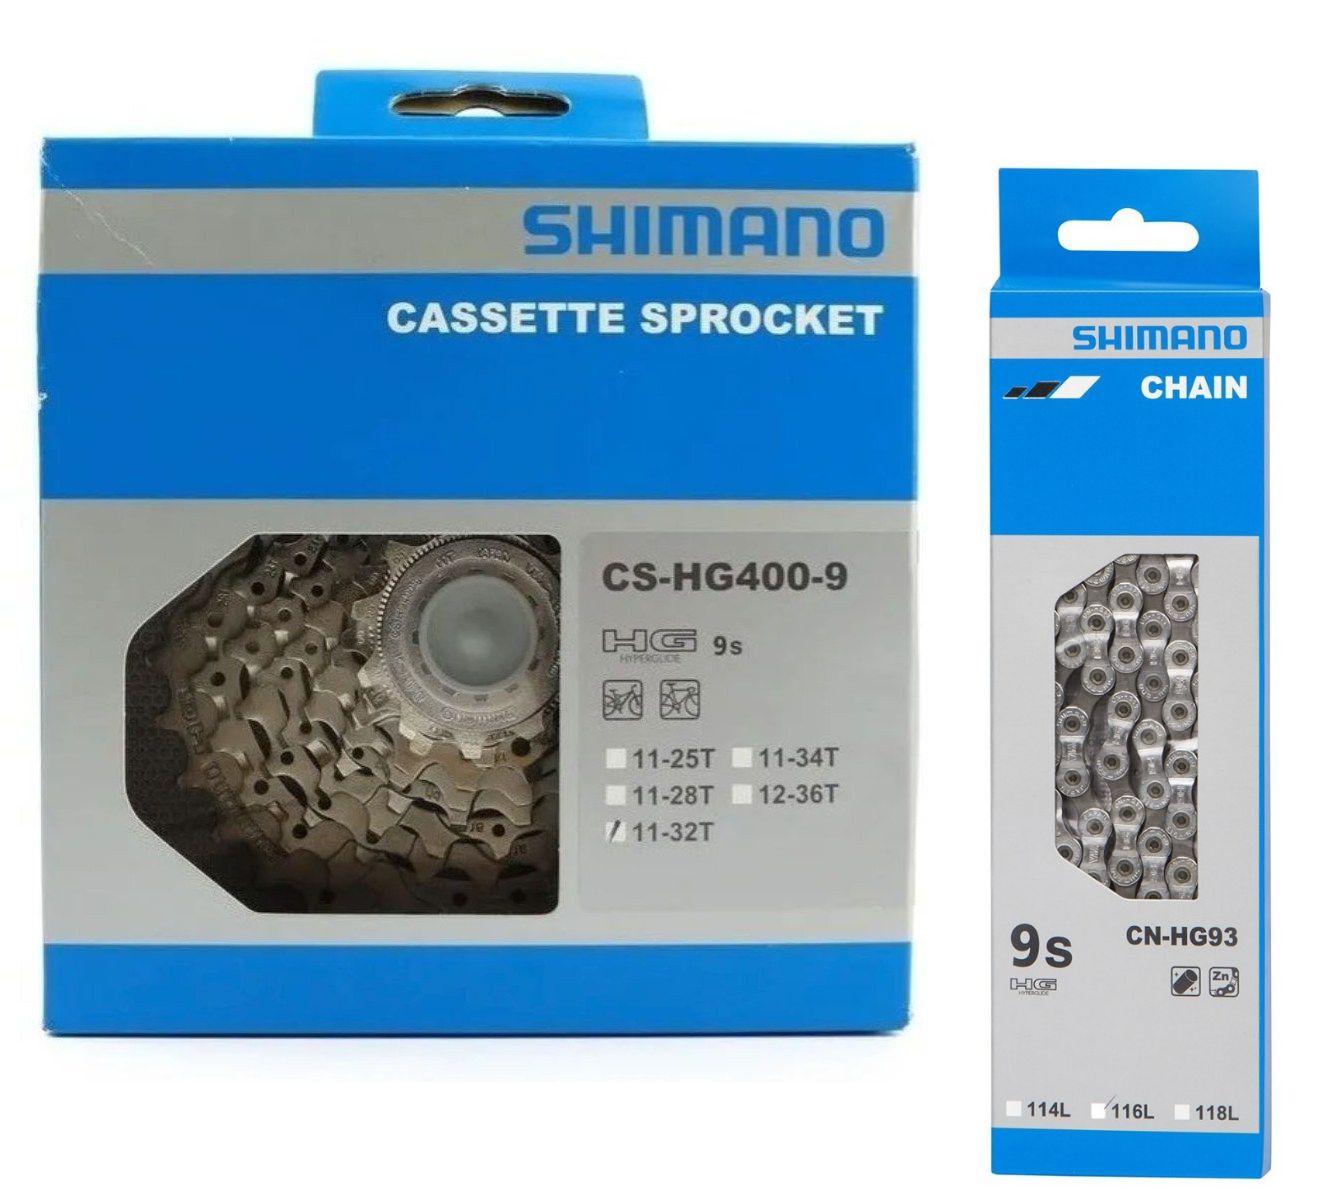 Cassete Shimano Alivio Hg400 9v 12-36 + Corrente Deore Xt 9v